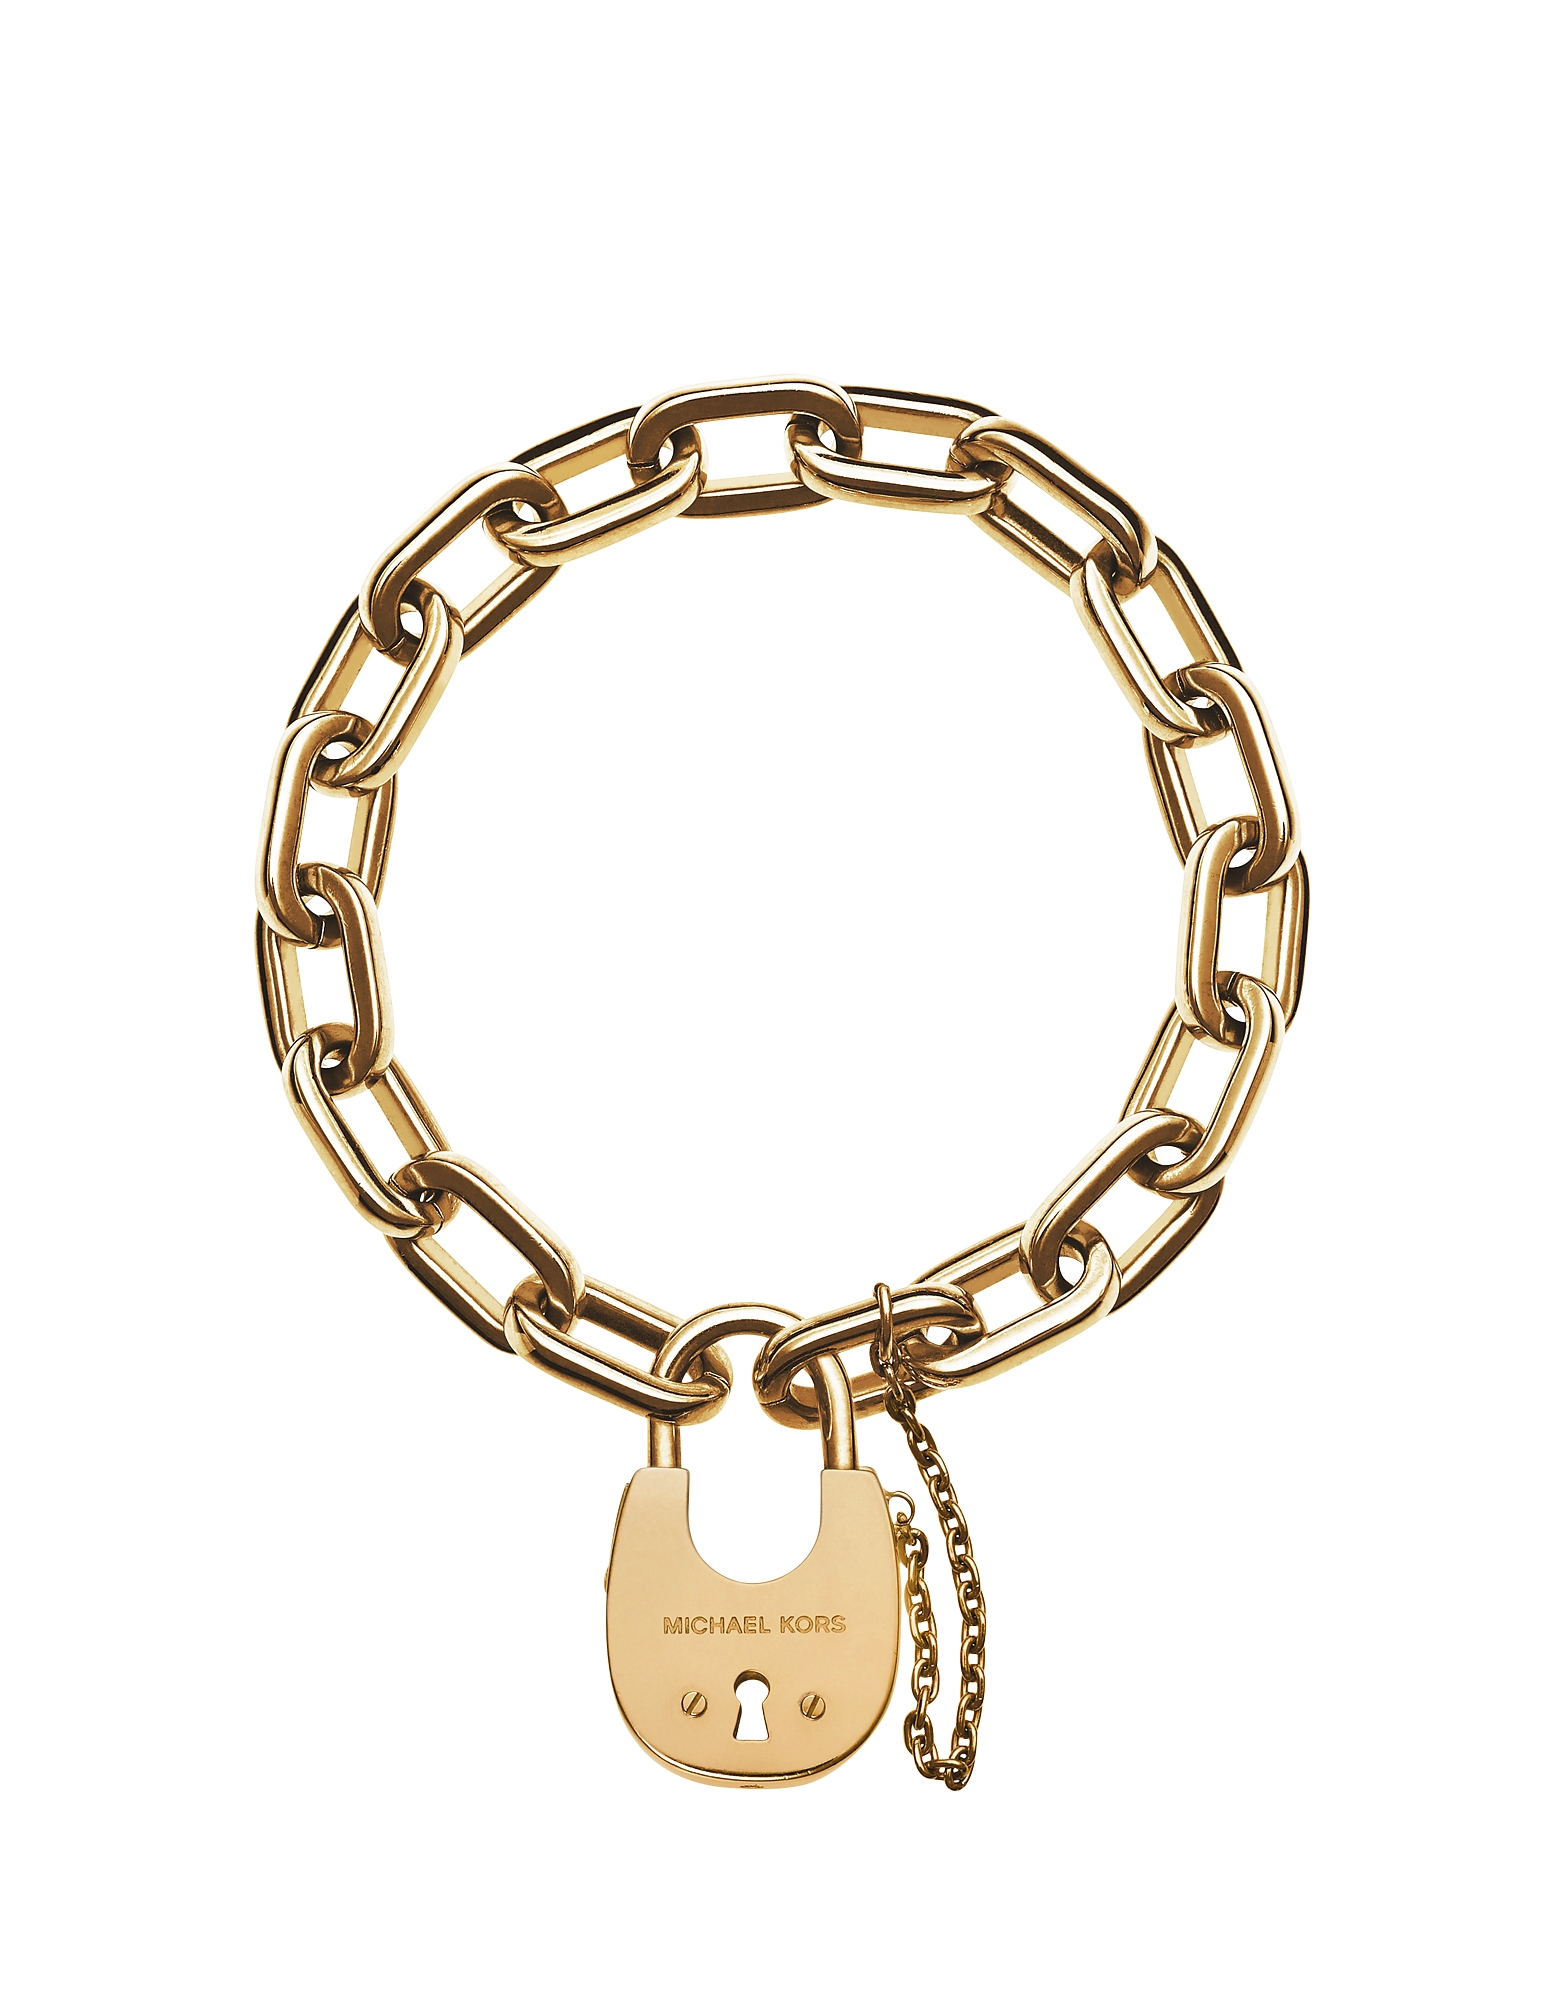 Chains & Elements - Золотистый Звеньевый Браслет